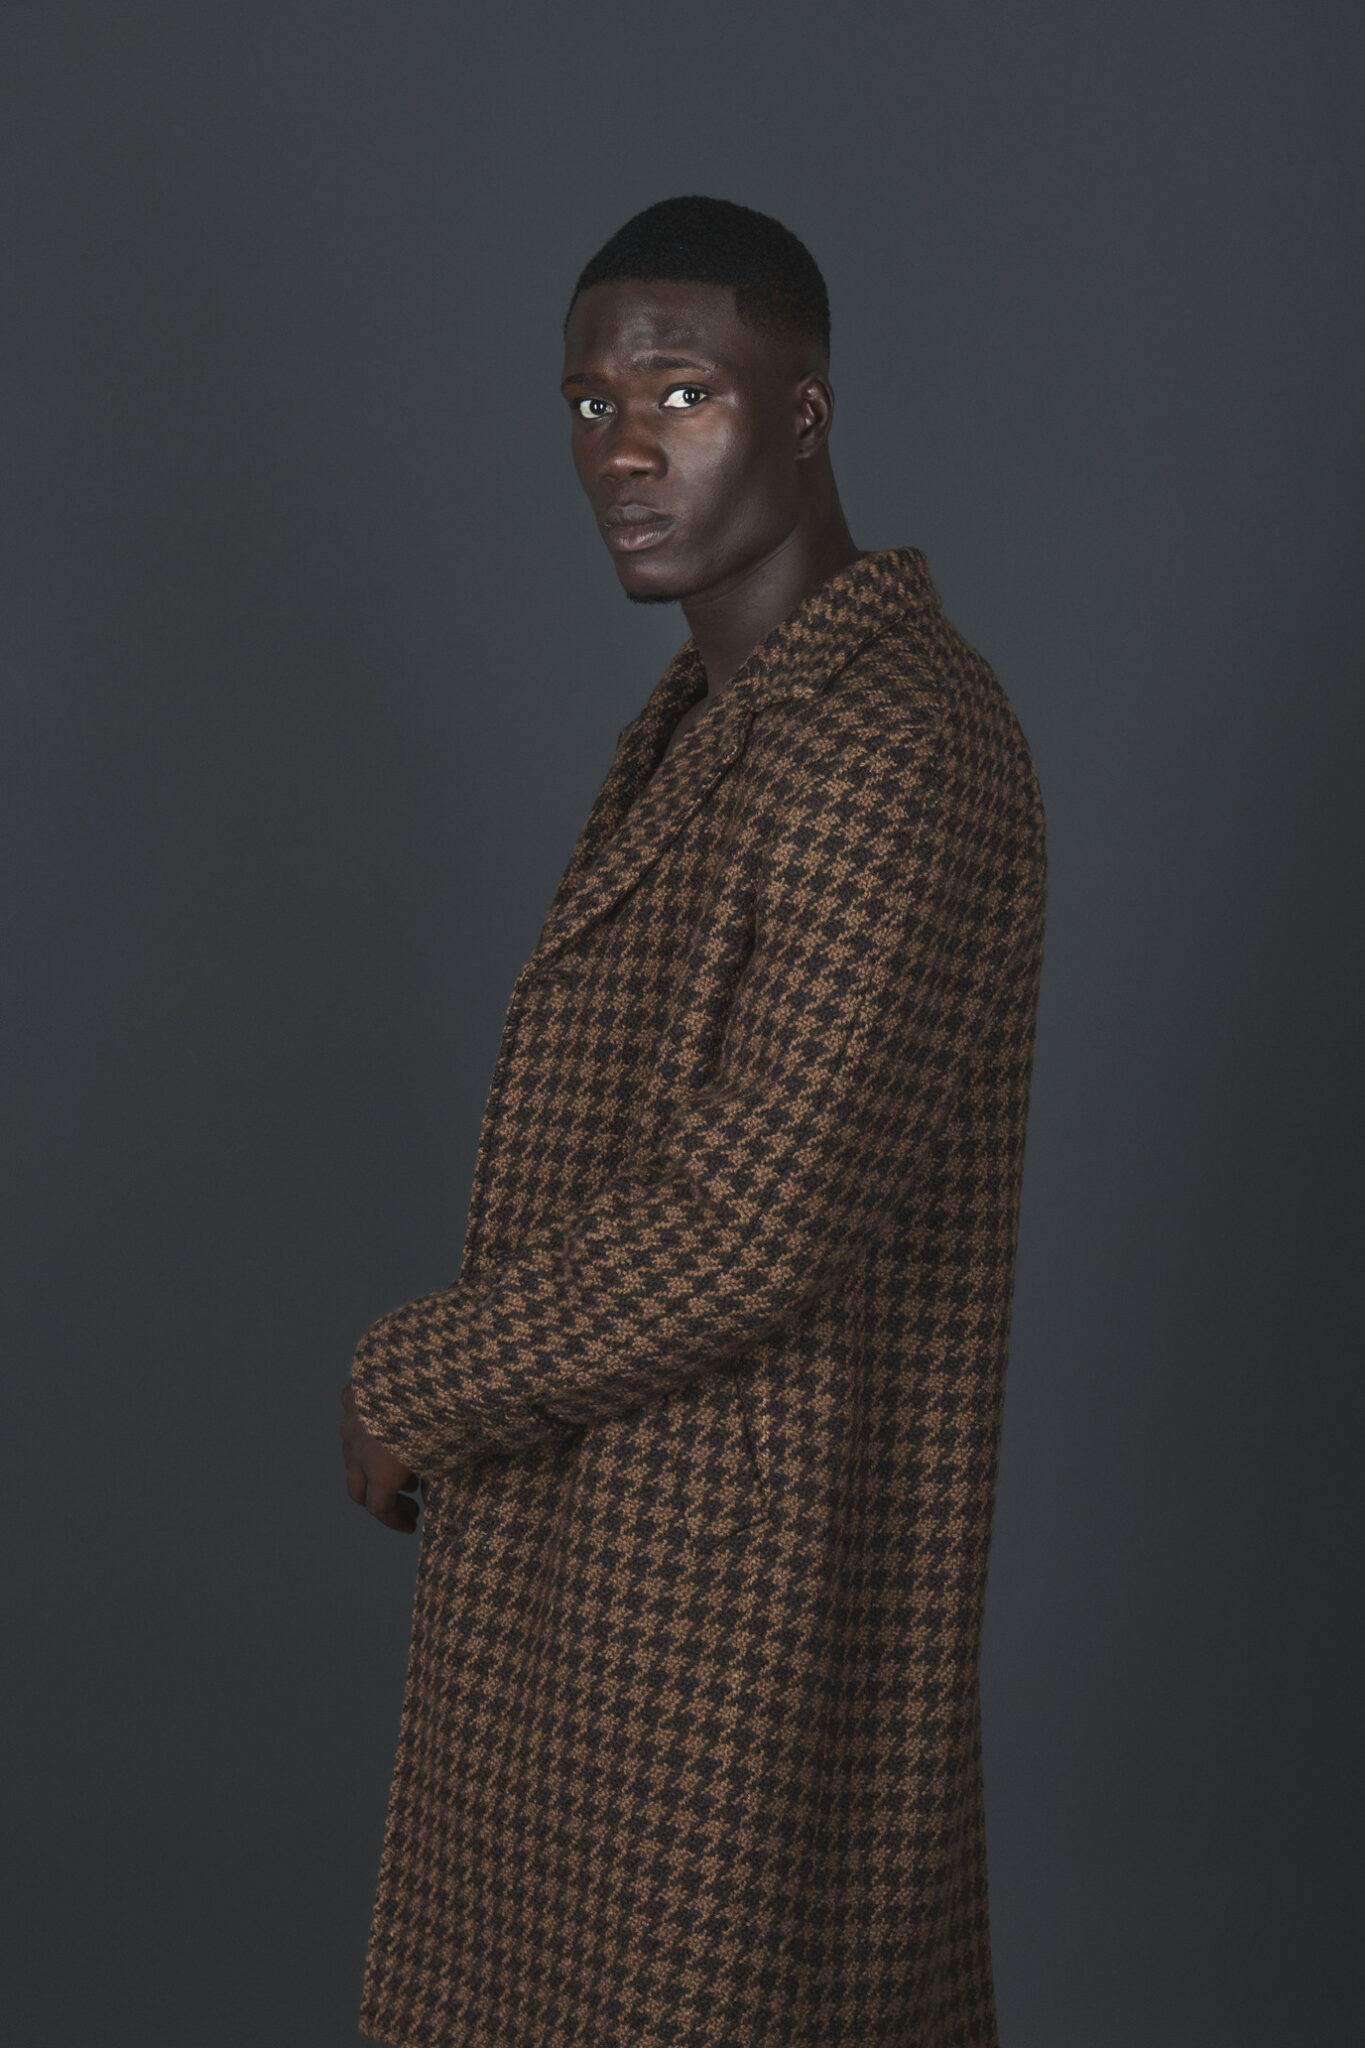 Cappotto marrone pied de poule presentato in occasione della Design Week 2021 da MP per Understatement Milano